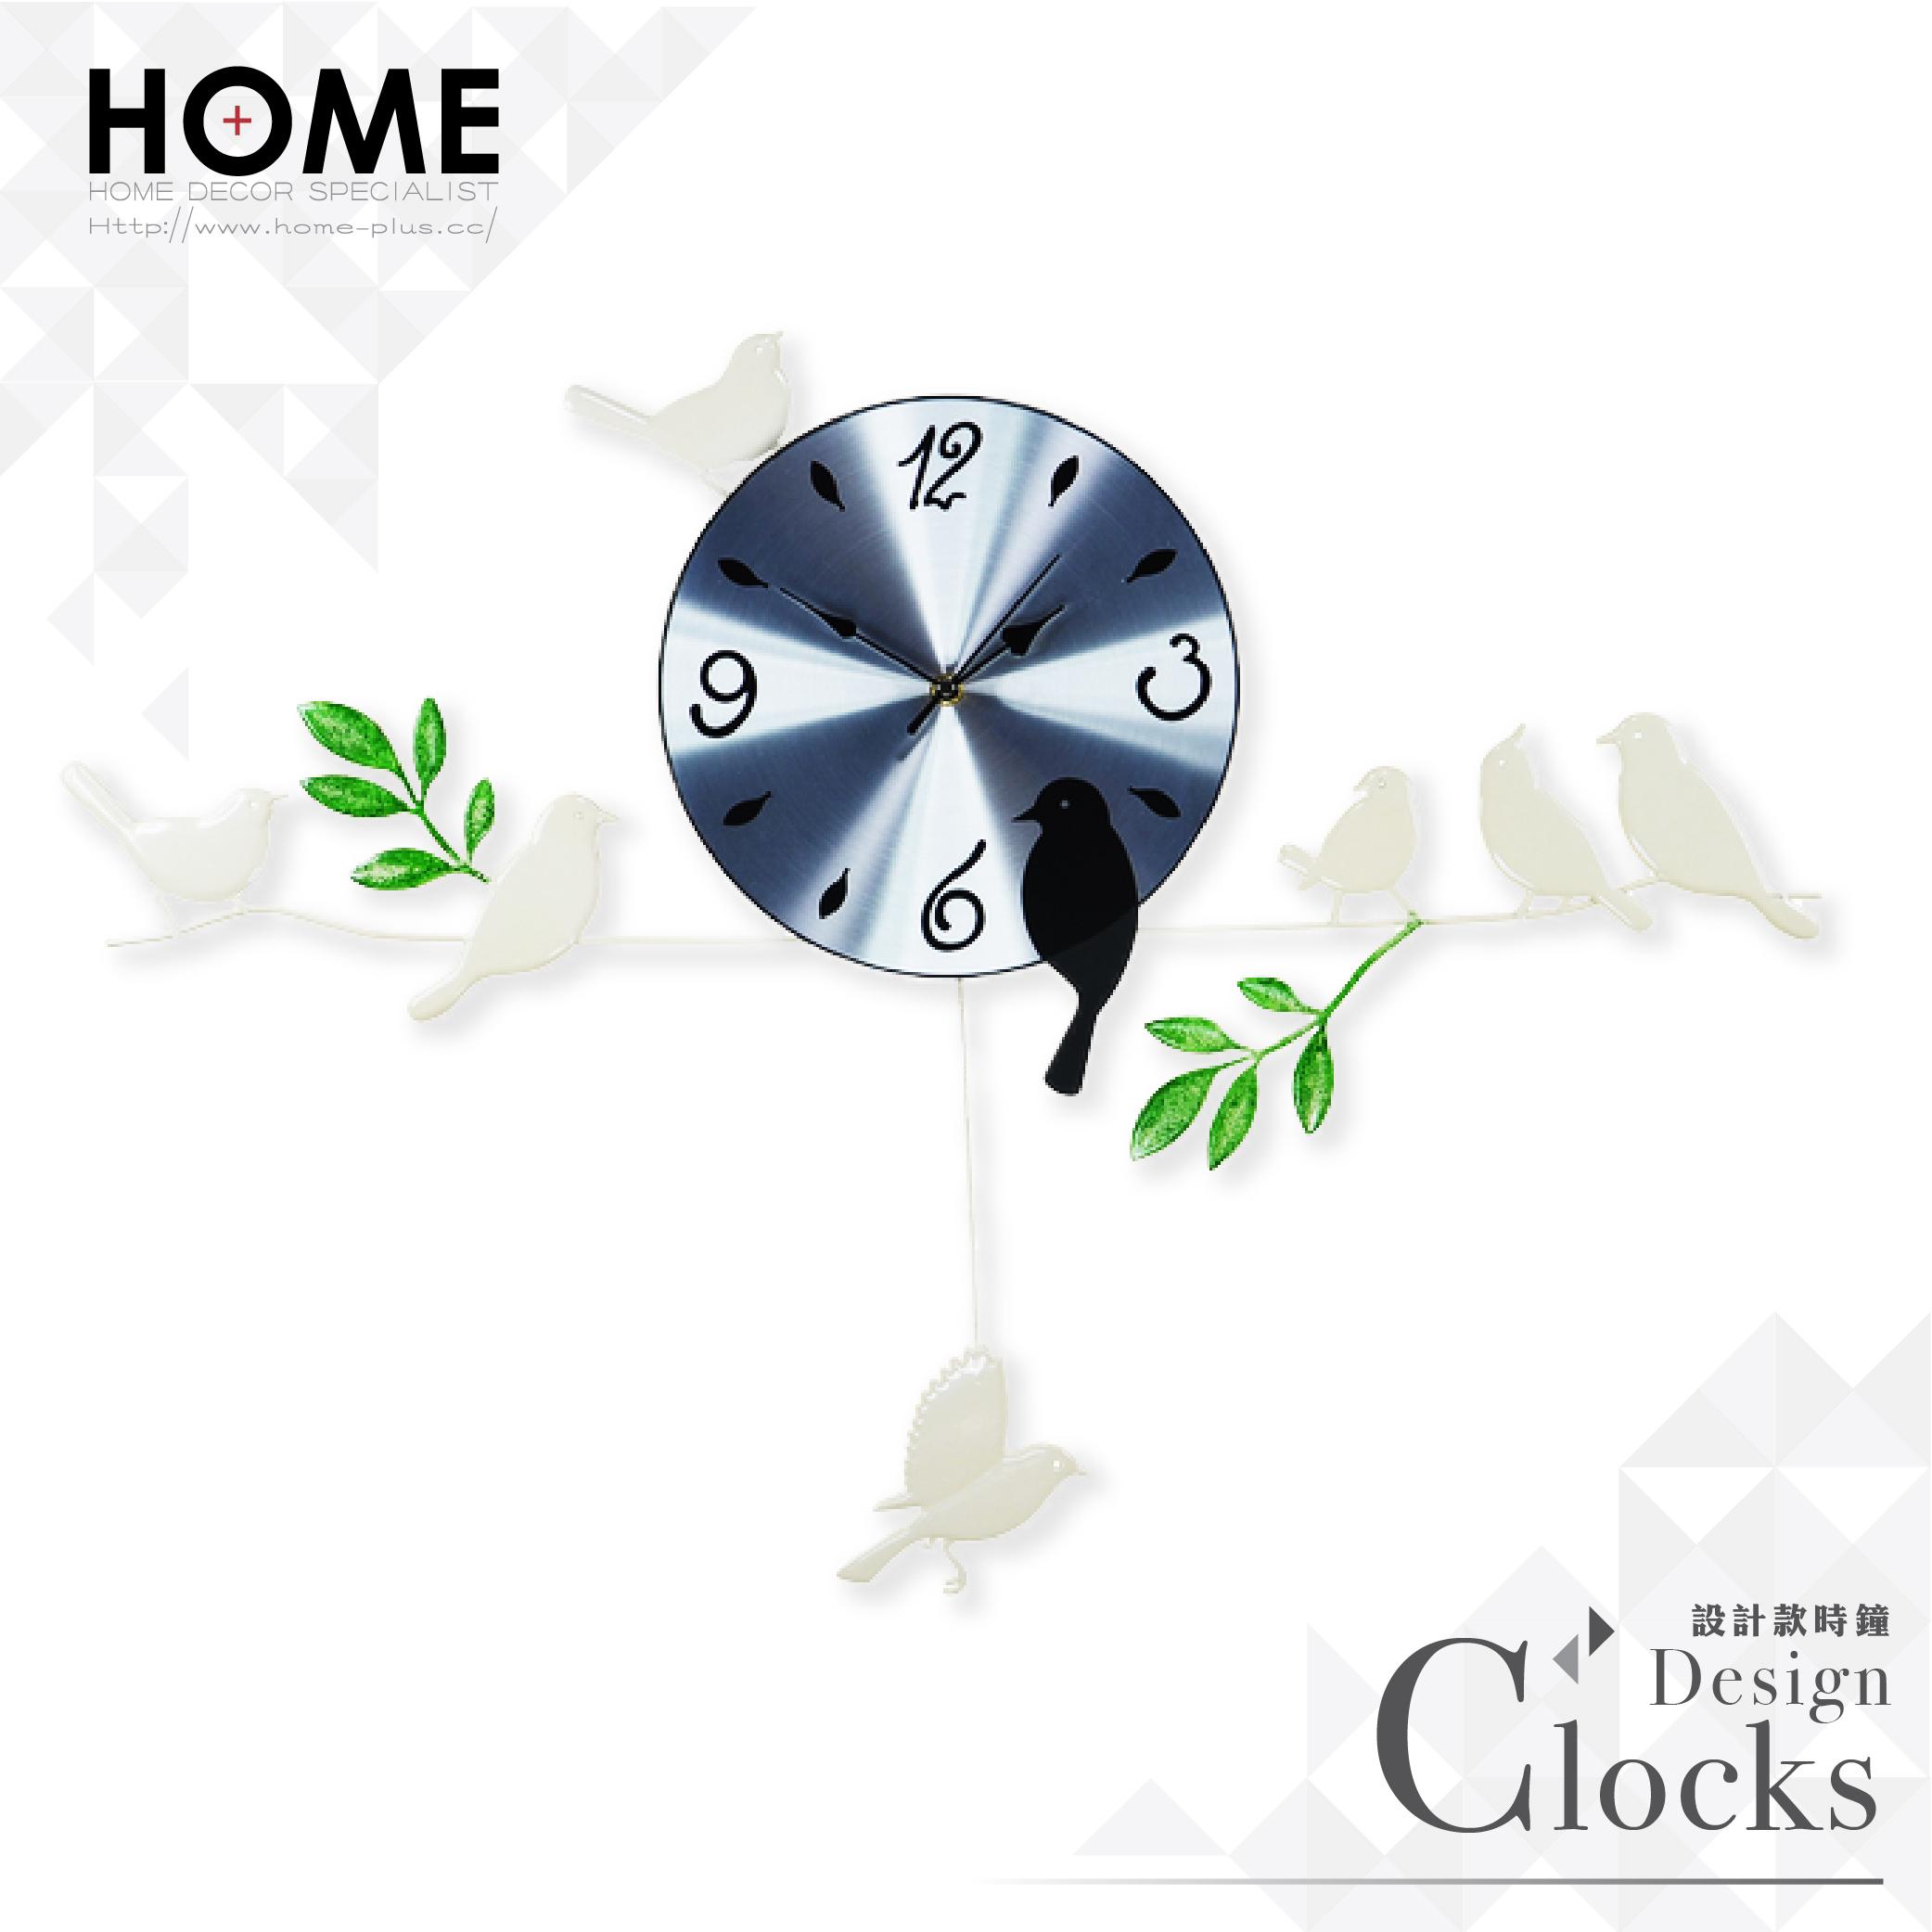 HOME+ 小鳥田園藝術時鐘 質感雅白色 靜音掃描機芯 掛鐘 壁鐘 鐵藝鐘 鄉村風 室內設計 裝潢 布置 裝飾 Clock